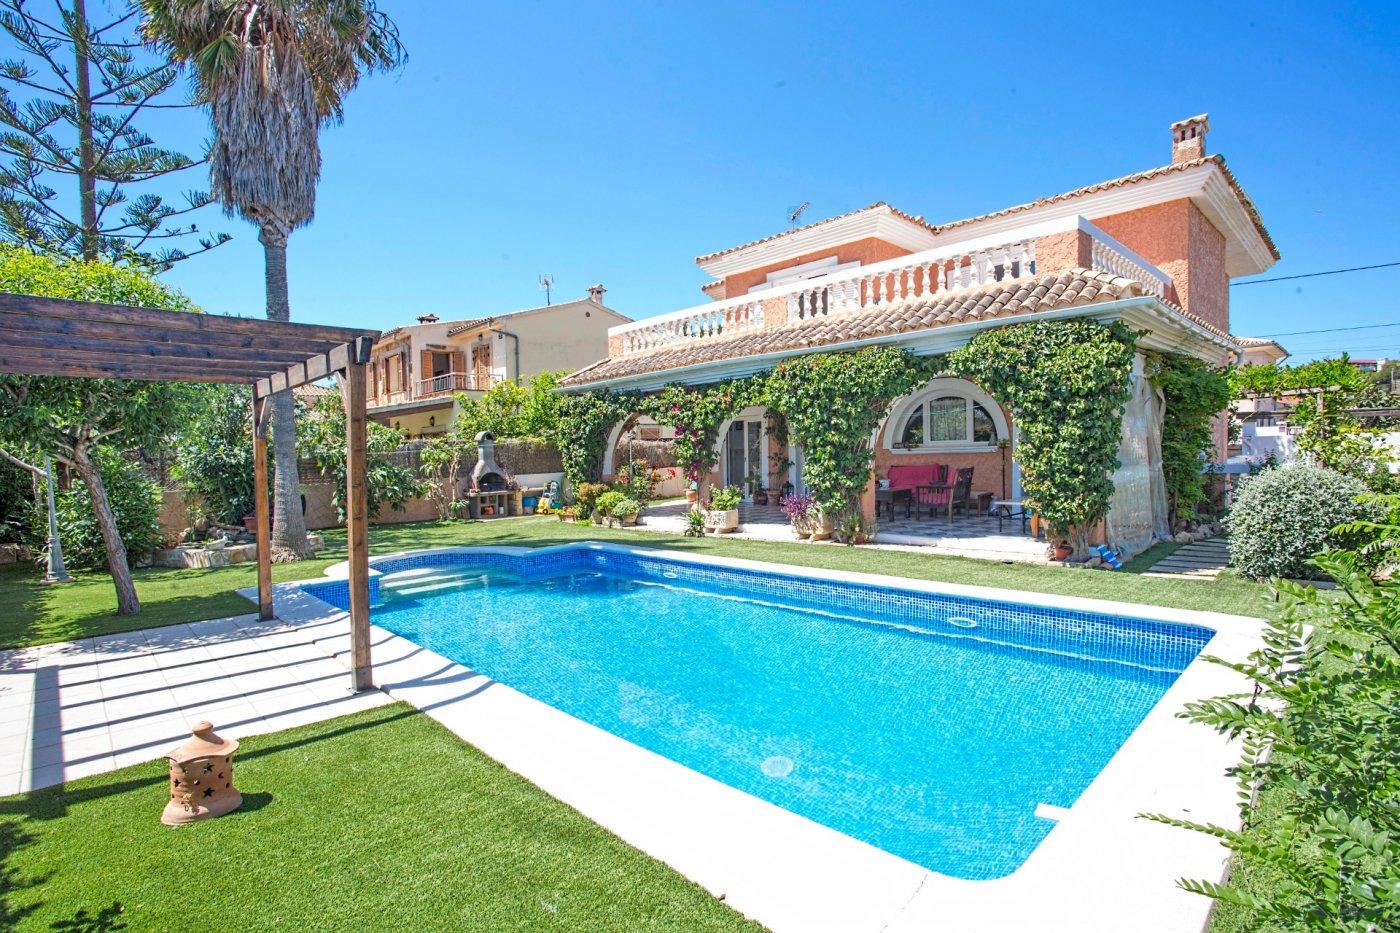 Fantástico chalet familiar con jardín y piscina en el toro